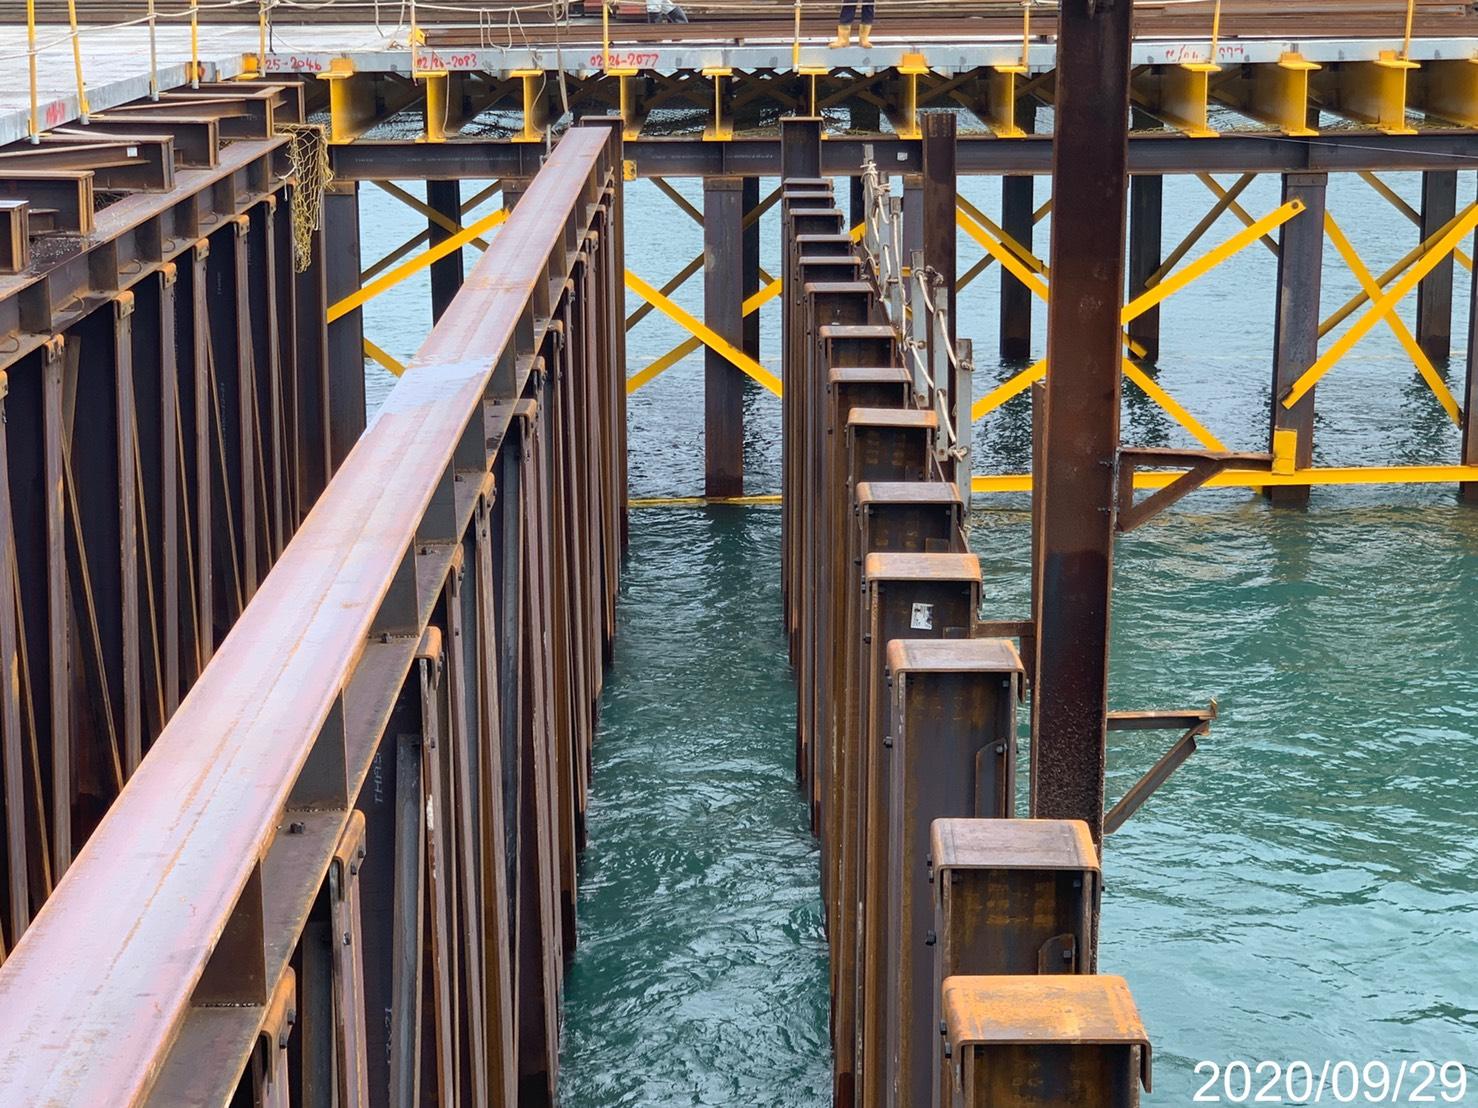 八里端施工構台型鋼立柱大樑打設組立安裝作業.